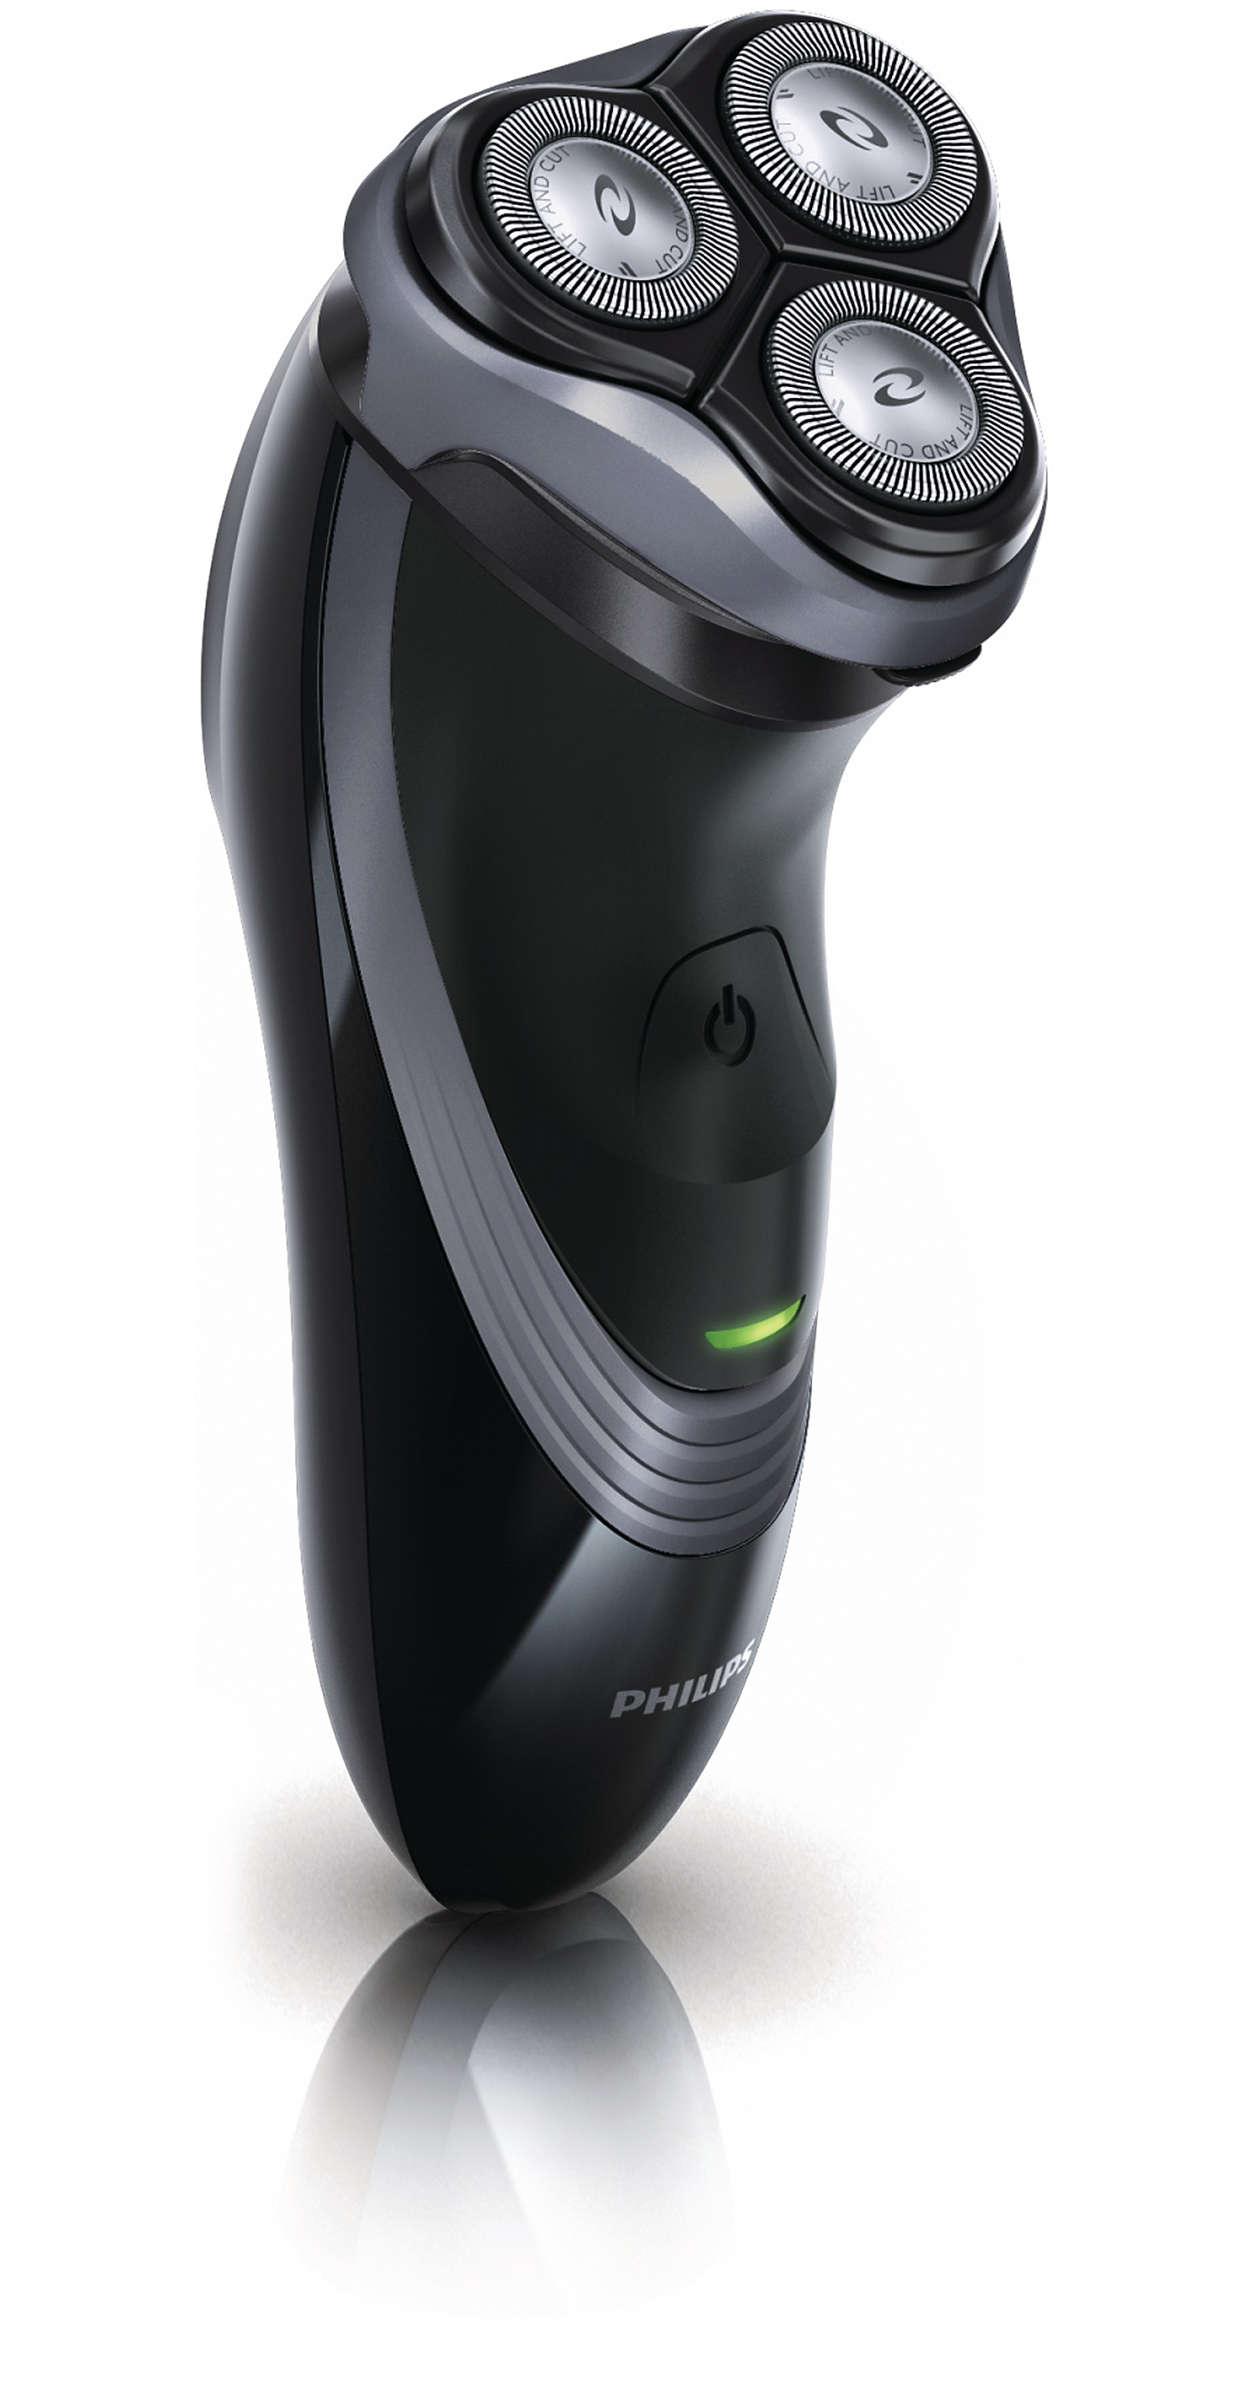 徹底乾淨的刮鬍體驗